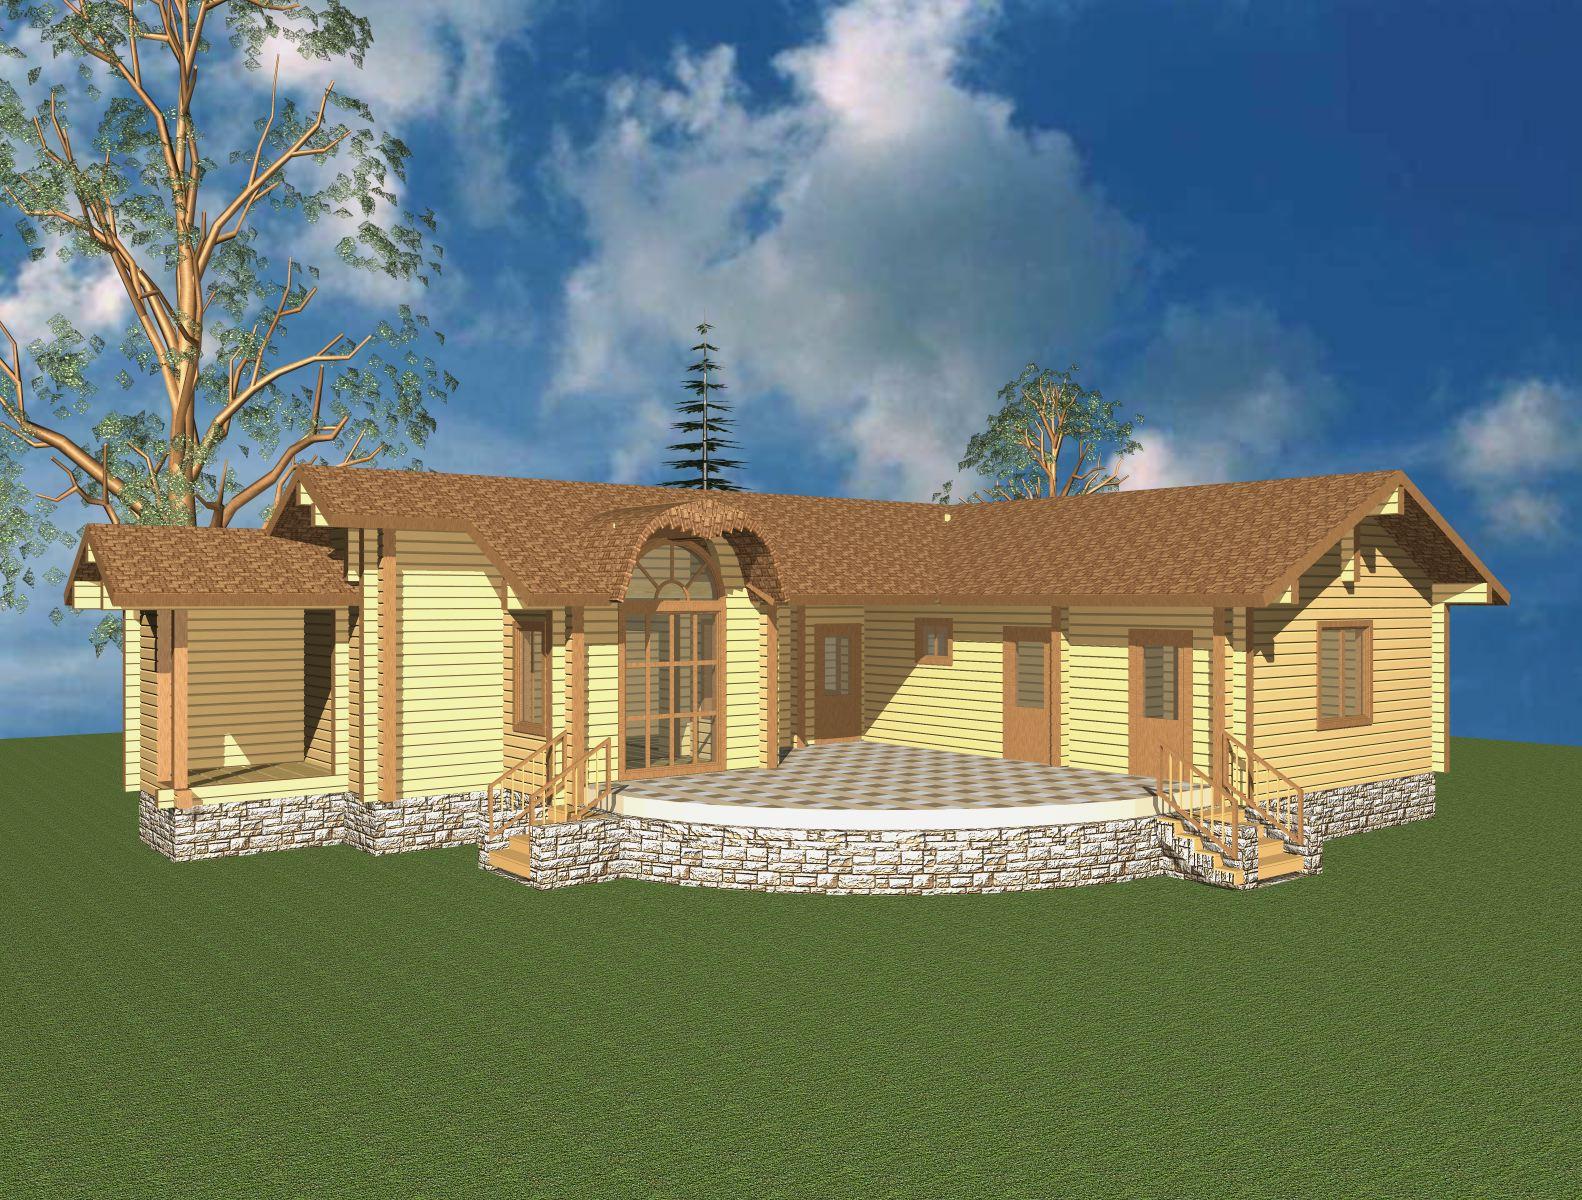 Дом баня: варианты проектов дома с баней под одной крышей, анализ преимуществ и недостатков, советы по строительству